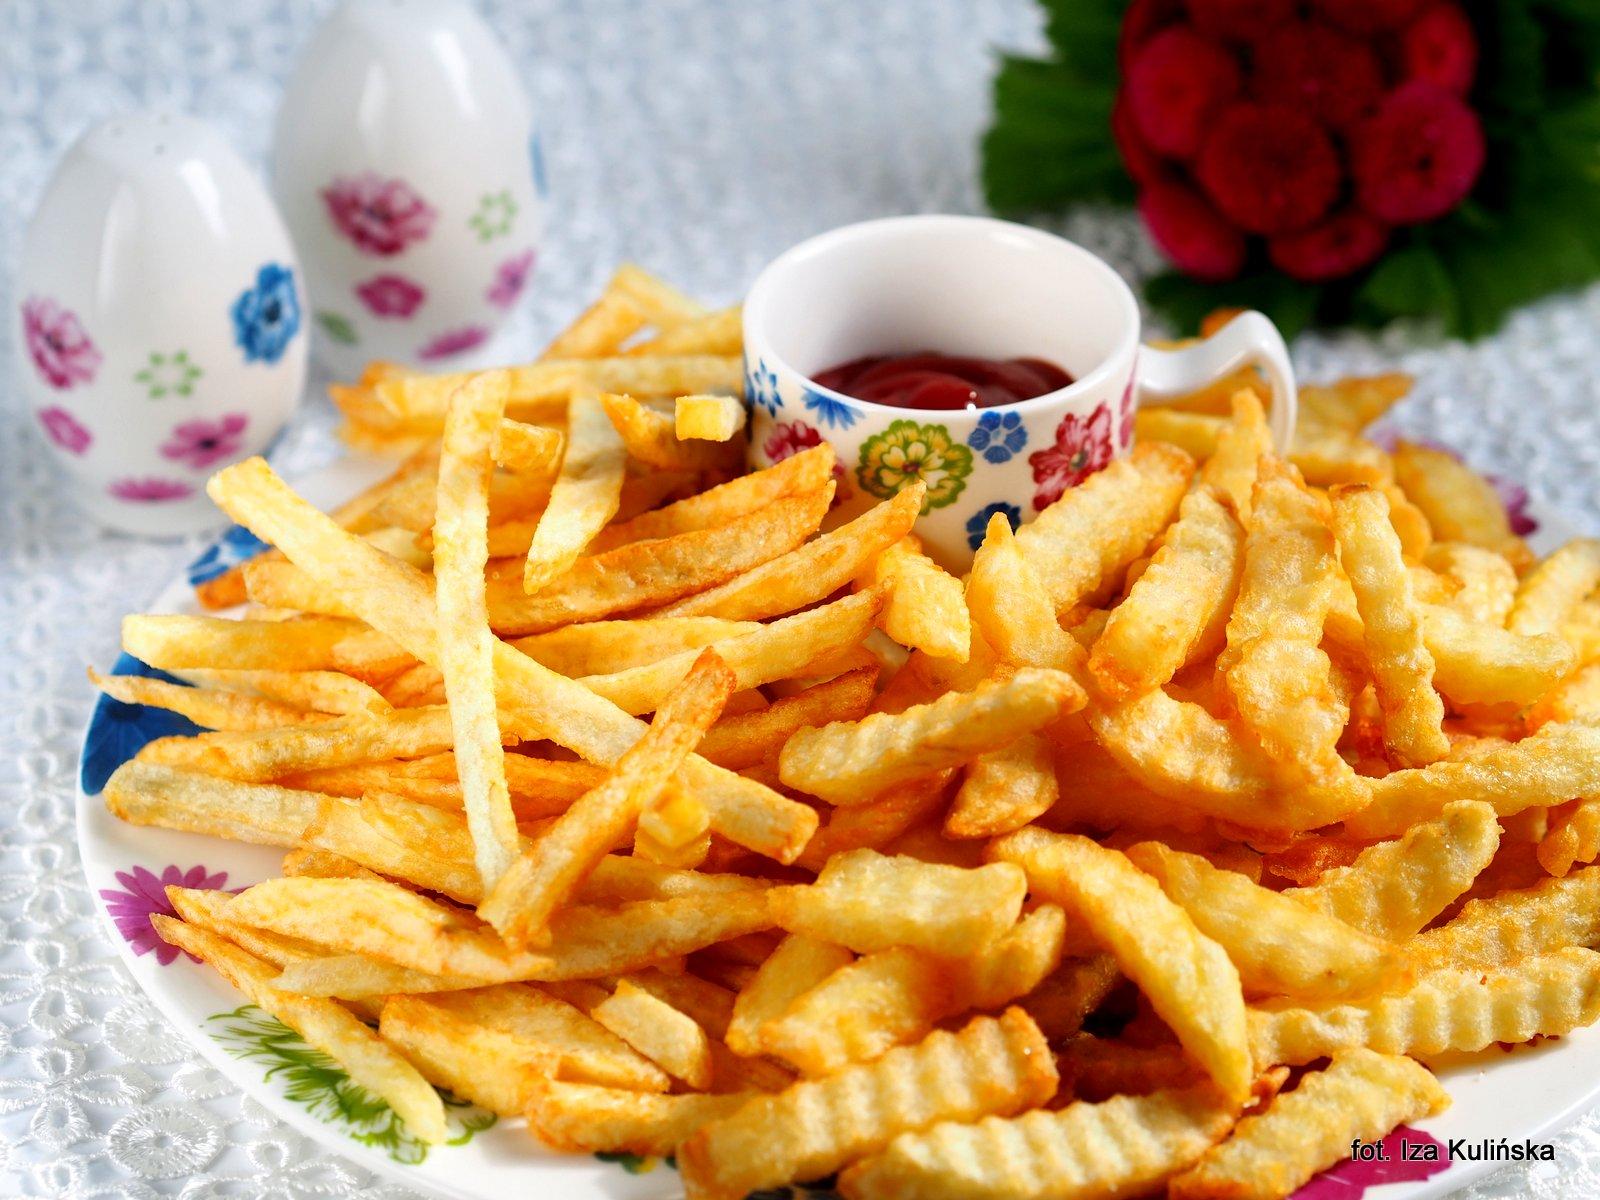 jak zrobić domowe frytki , fryty , ziemniaki , smażone w oleju , olej rzepakowy , frytki doskonałe